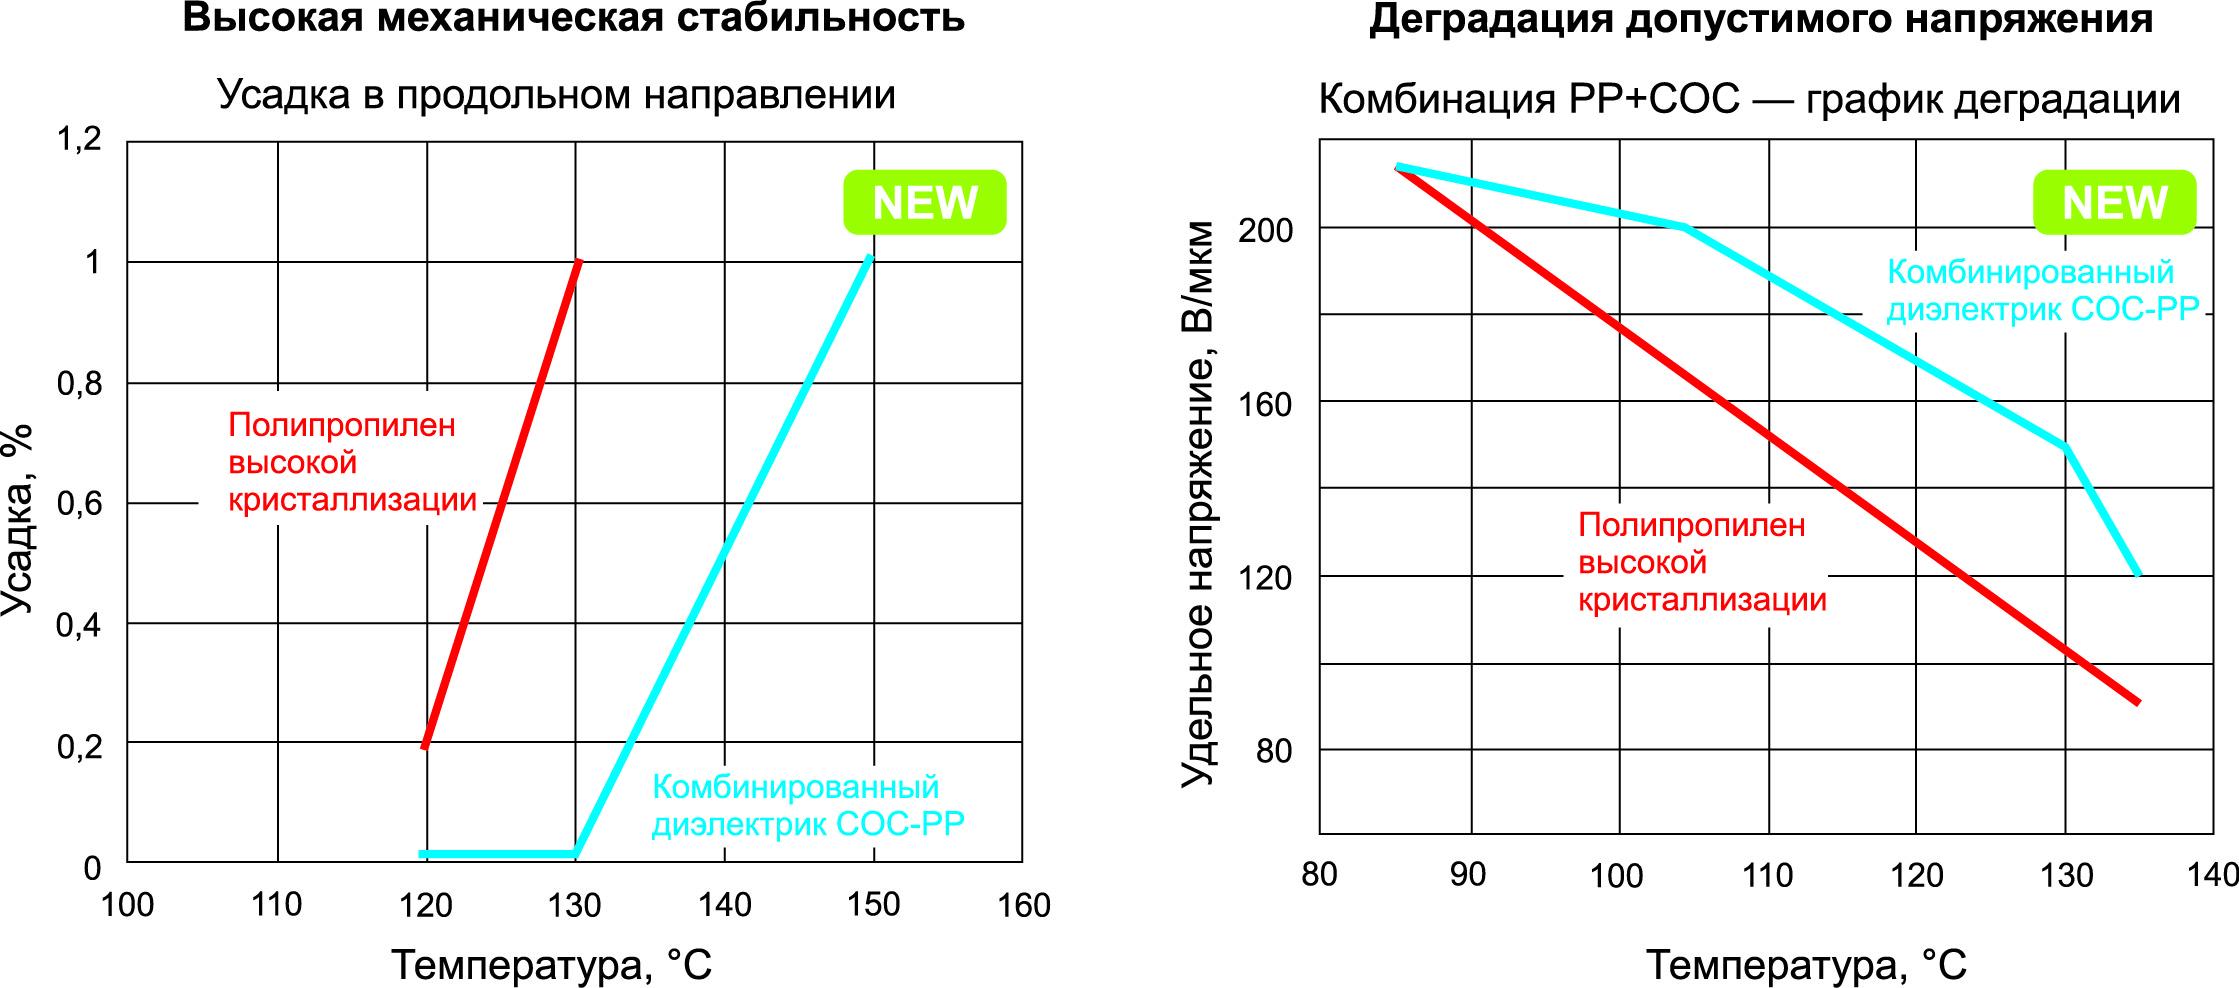 Слева: при температуре до +130 °C новый материал COC-PP не имеет усадки в поперечном направлении. Справа: снижение напряжения у нового материала также значительно лучше